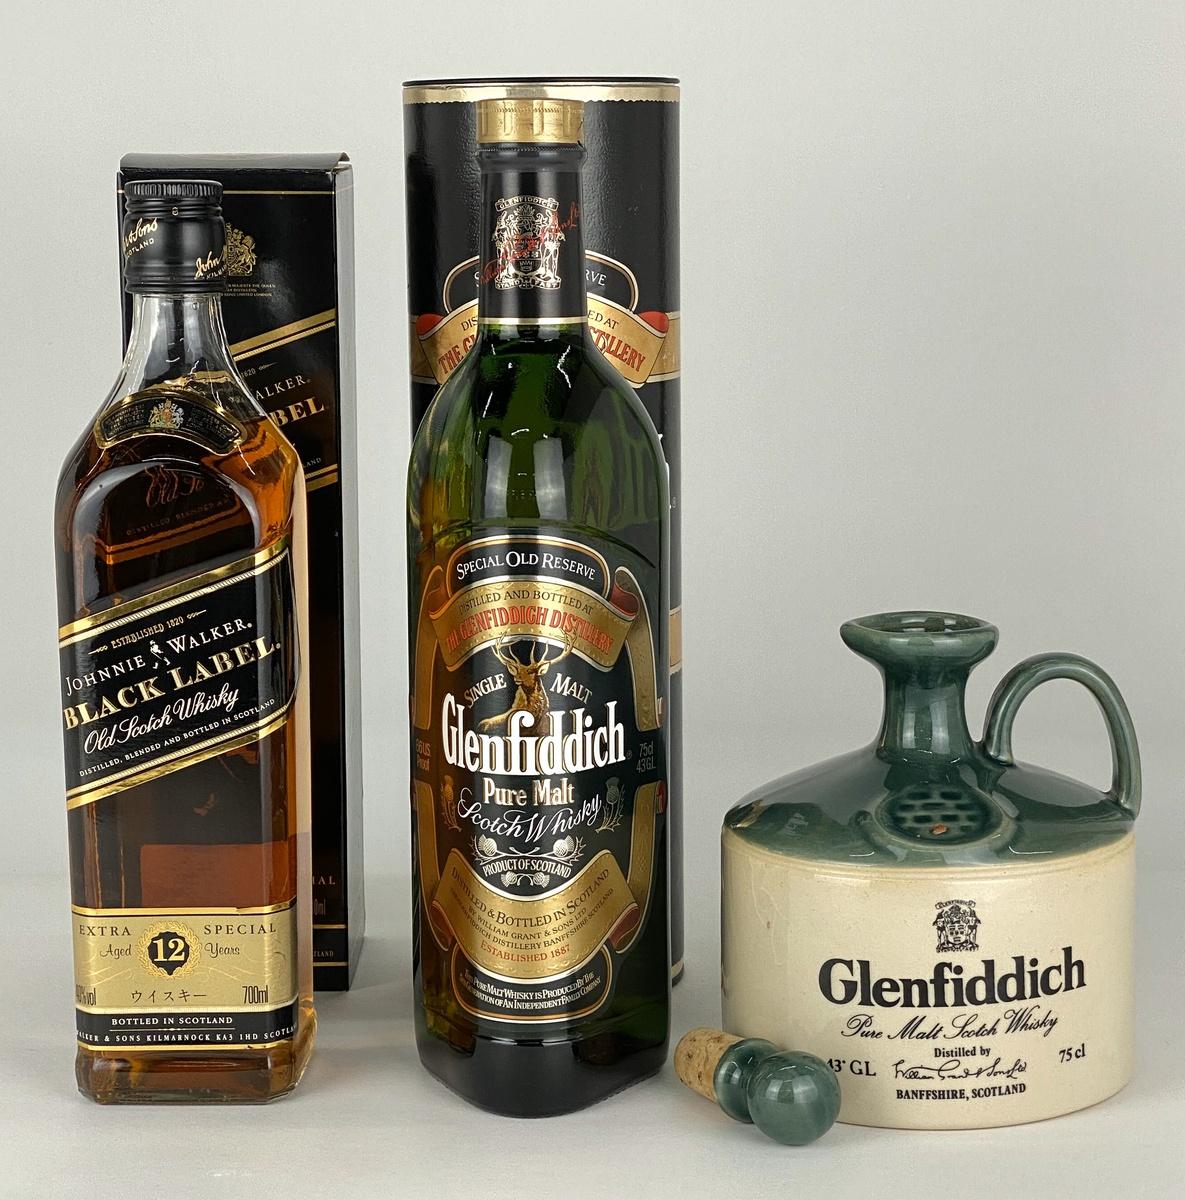 【店内最大70%OFF!6/4 20:00-6/11 1:59迄】 グレンフィディック Glenfiddich Johnnie Walker 3本 ウイスキー セット 【古酒】